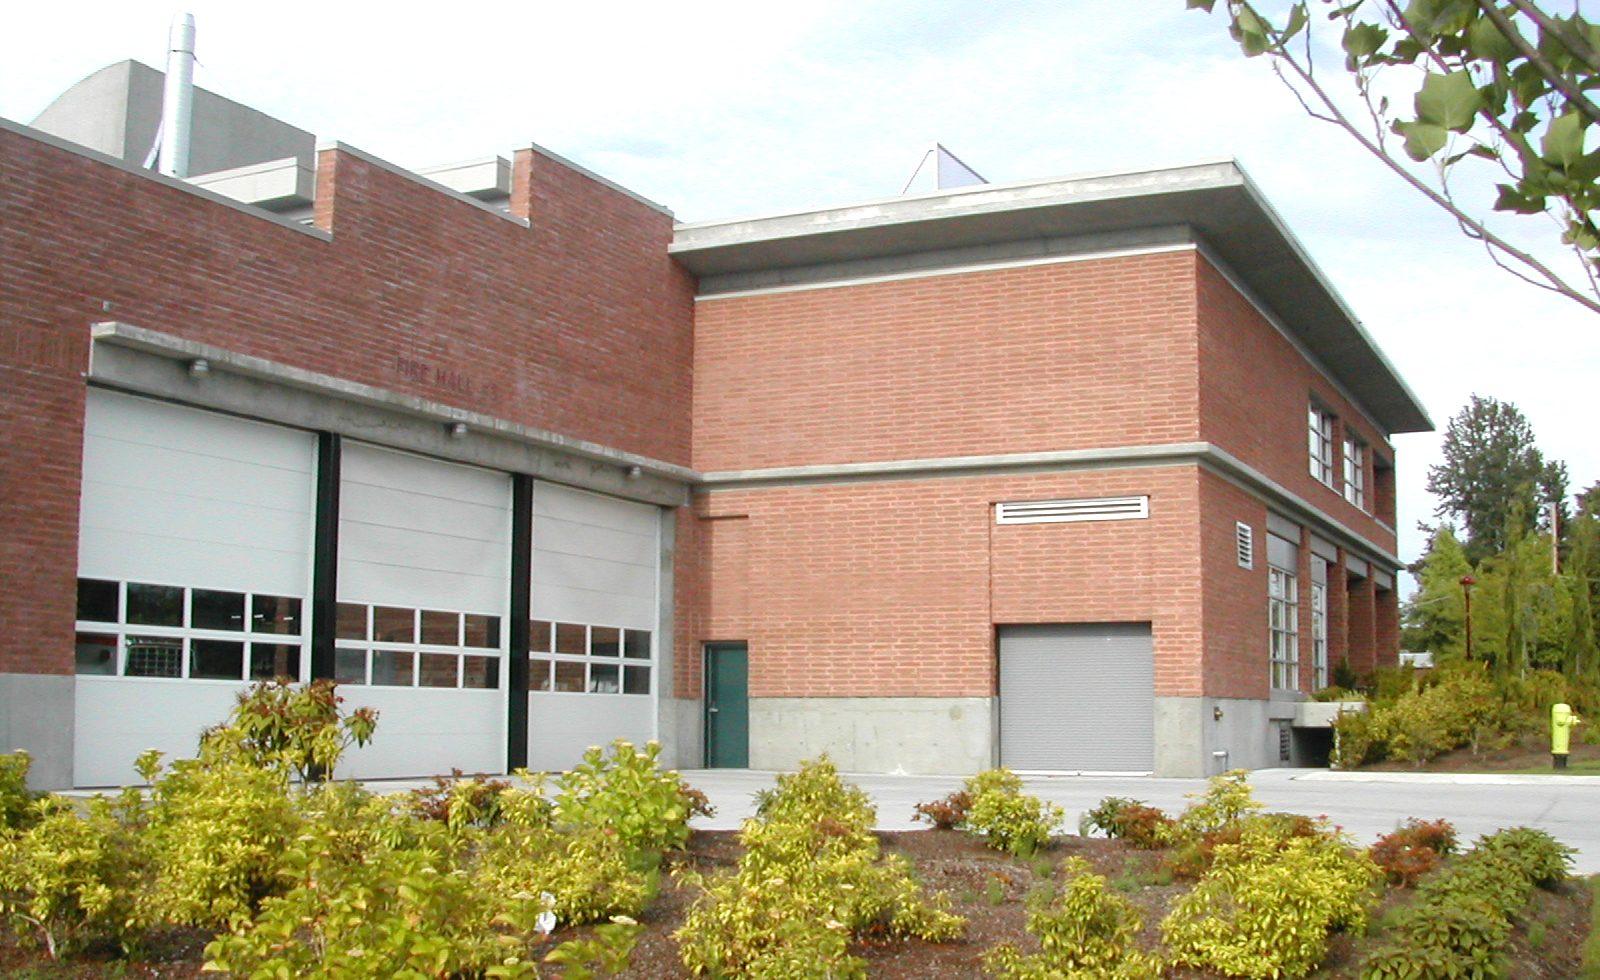 North Delta Public Safety Building